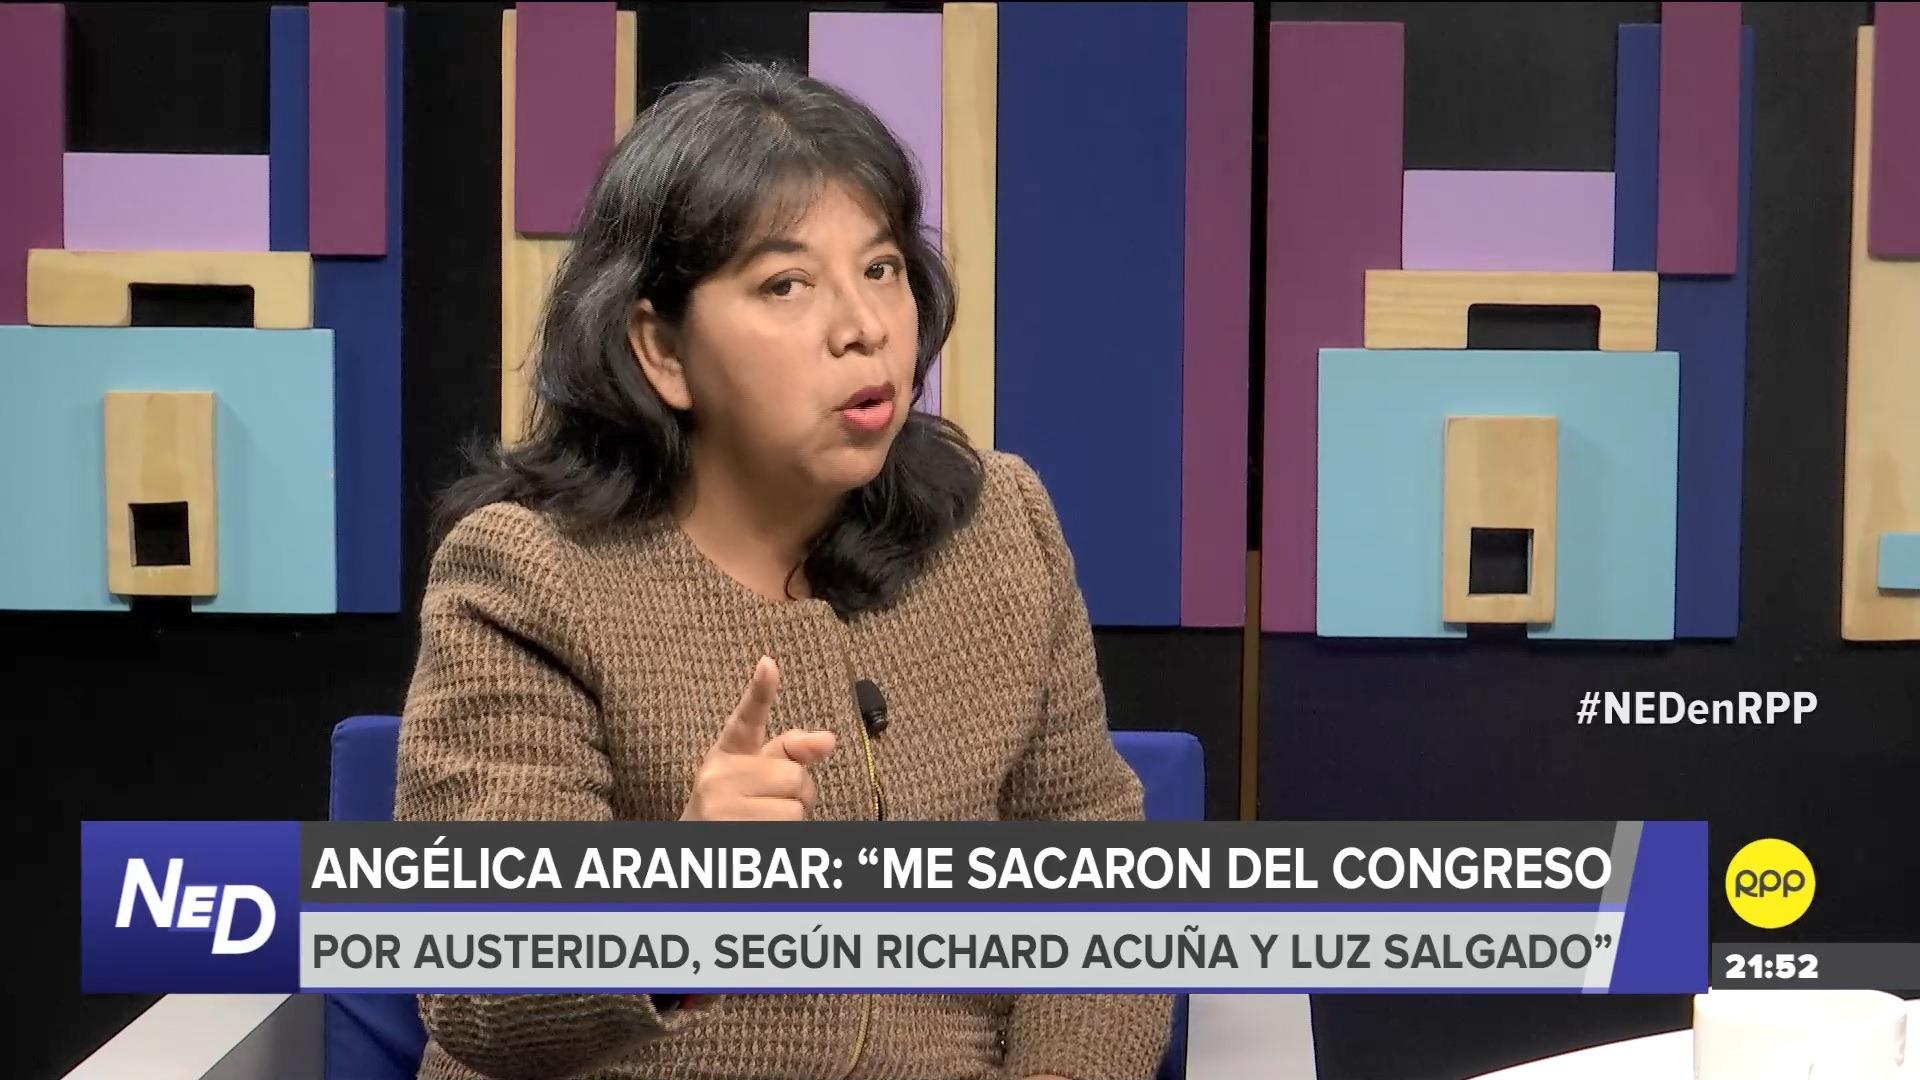 La periodista Angélica Aranibar comentó que no fue escuchada pese a que pidió que no le quitaran el empleo.